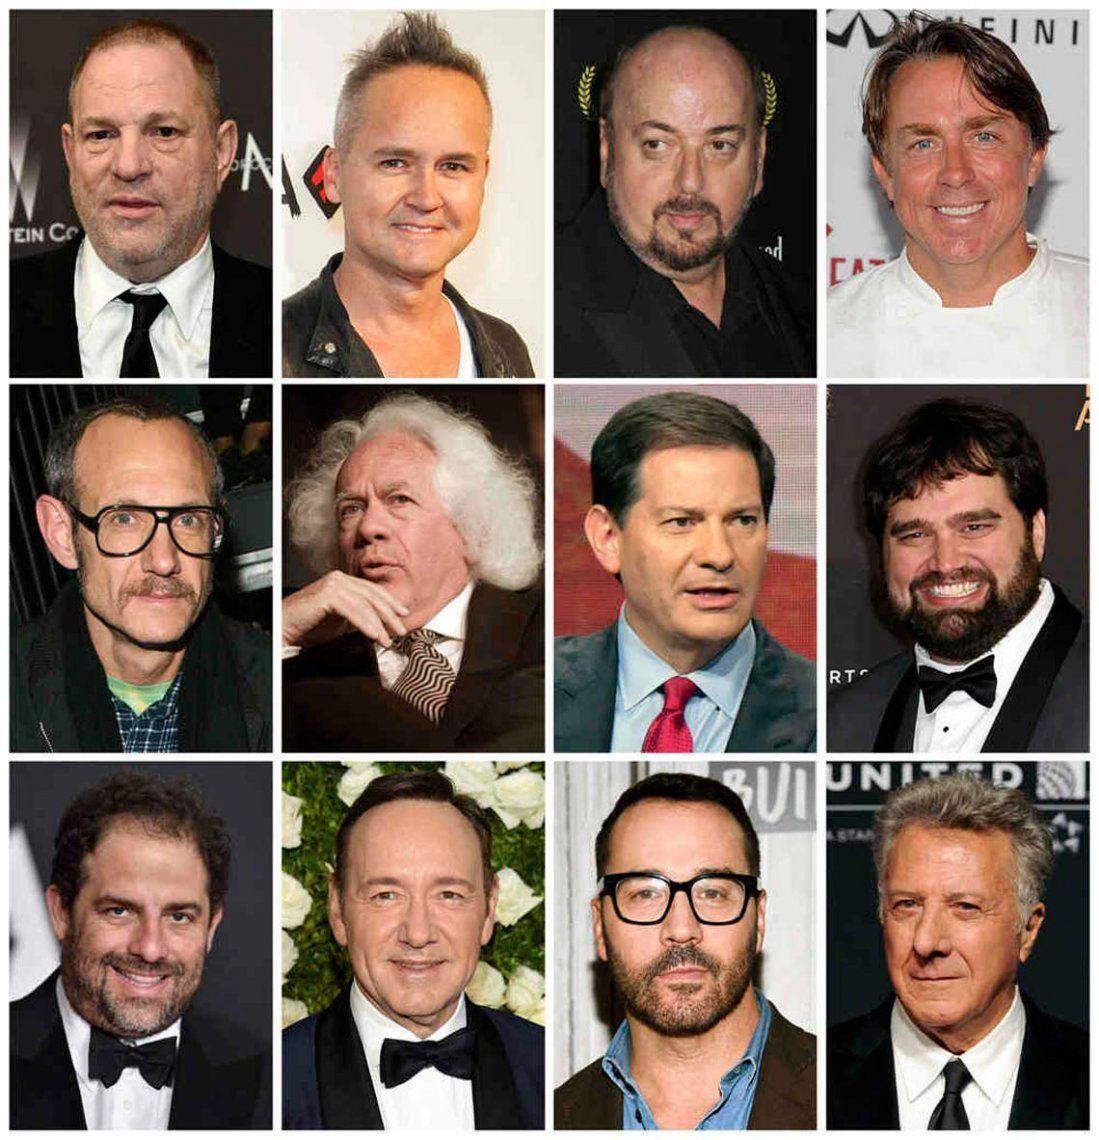 Hollywood: La interminable lista de acusados de acoso y abusos que podrían correr la misma suerte de Harvey Weinstein